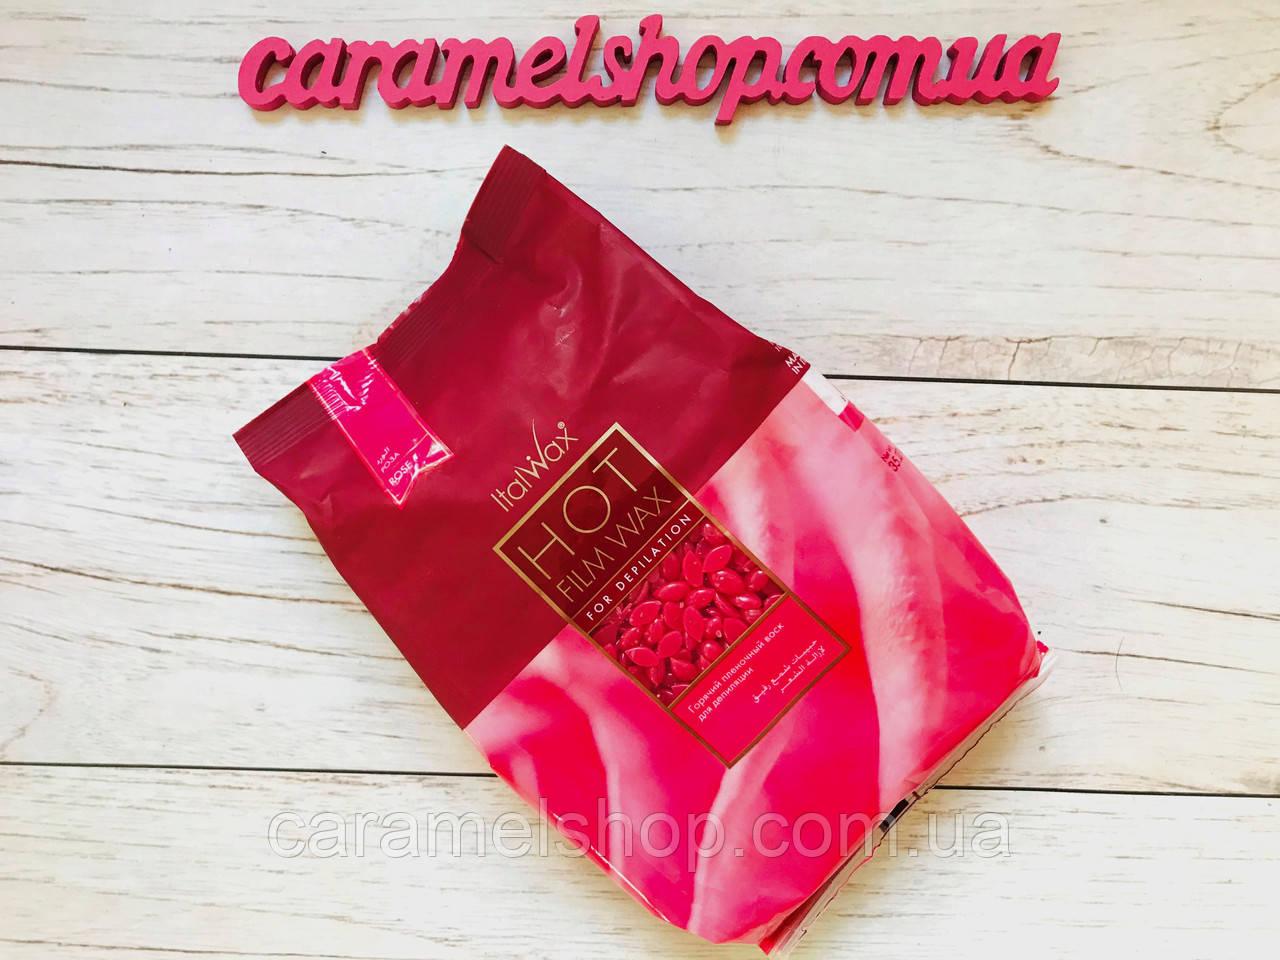 Воск для депиляции пленочный горячий в гранулах ItalWax, 1000 г - роза (винный)  Rose